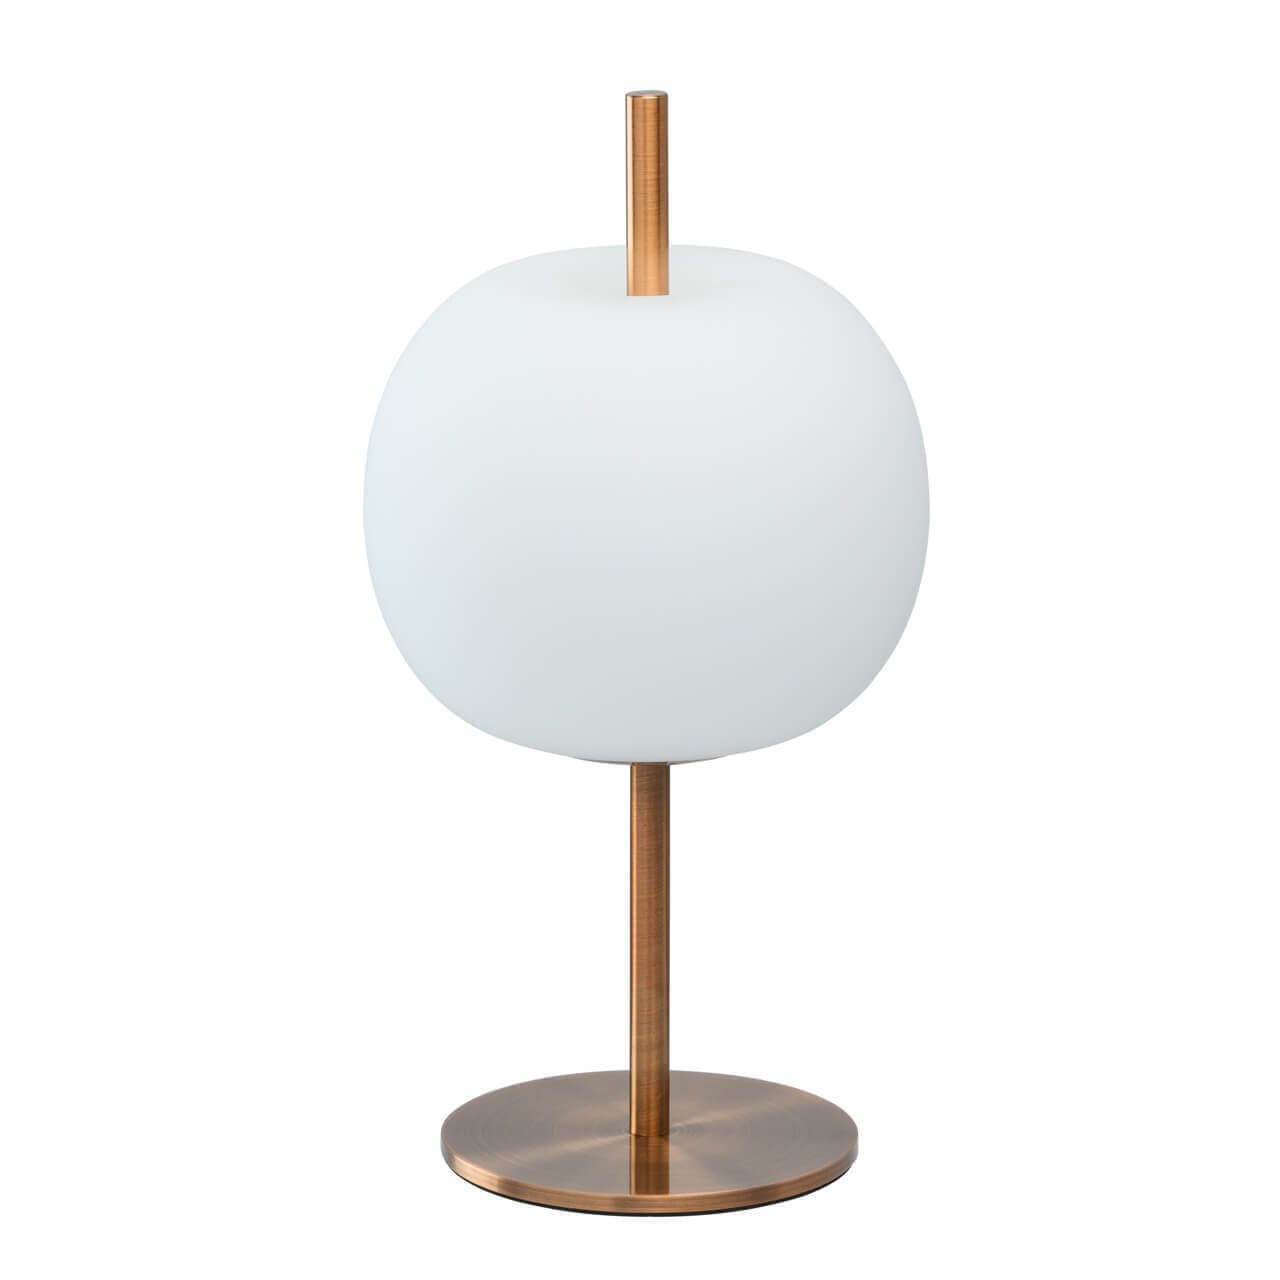 Настольная лампа De Markt 722030501 Ауксис 1 настольная лампа ауксис de markt настольная лампа ауксис